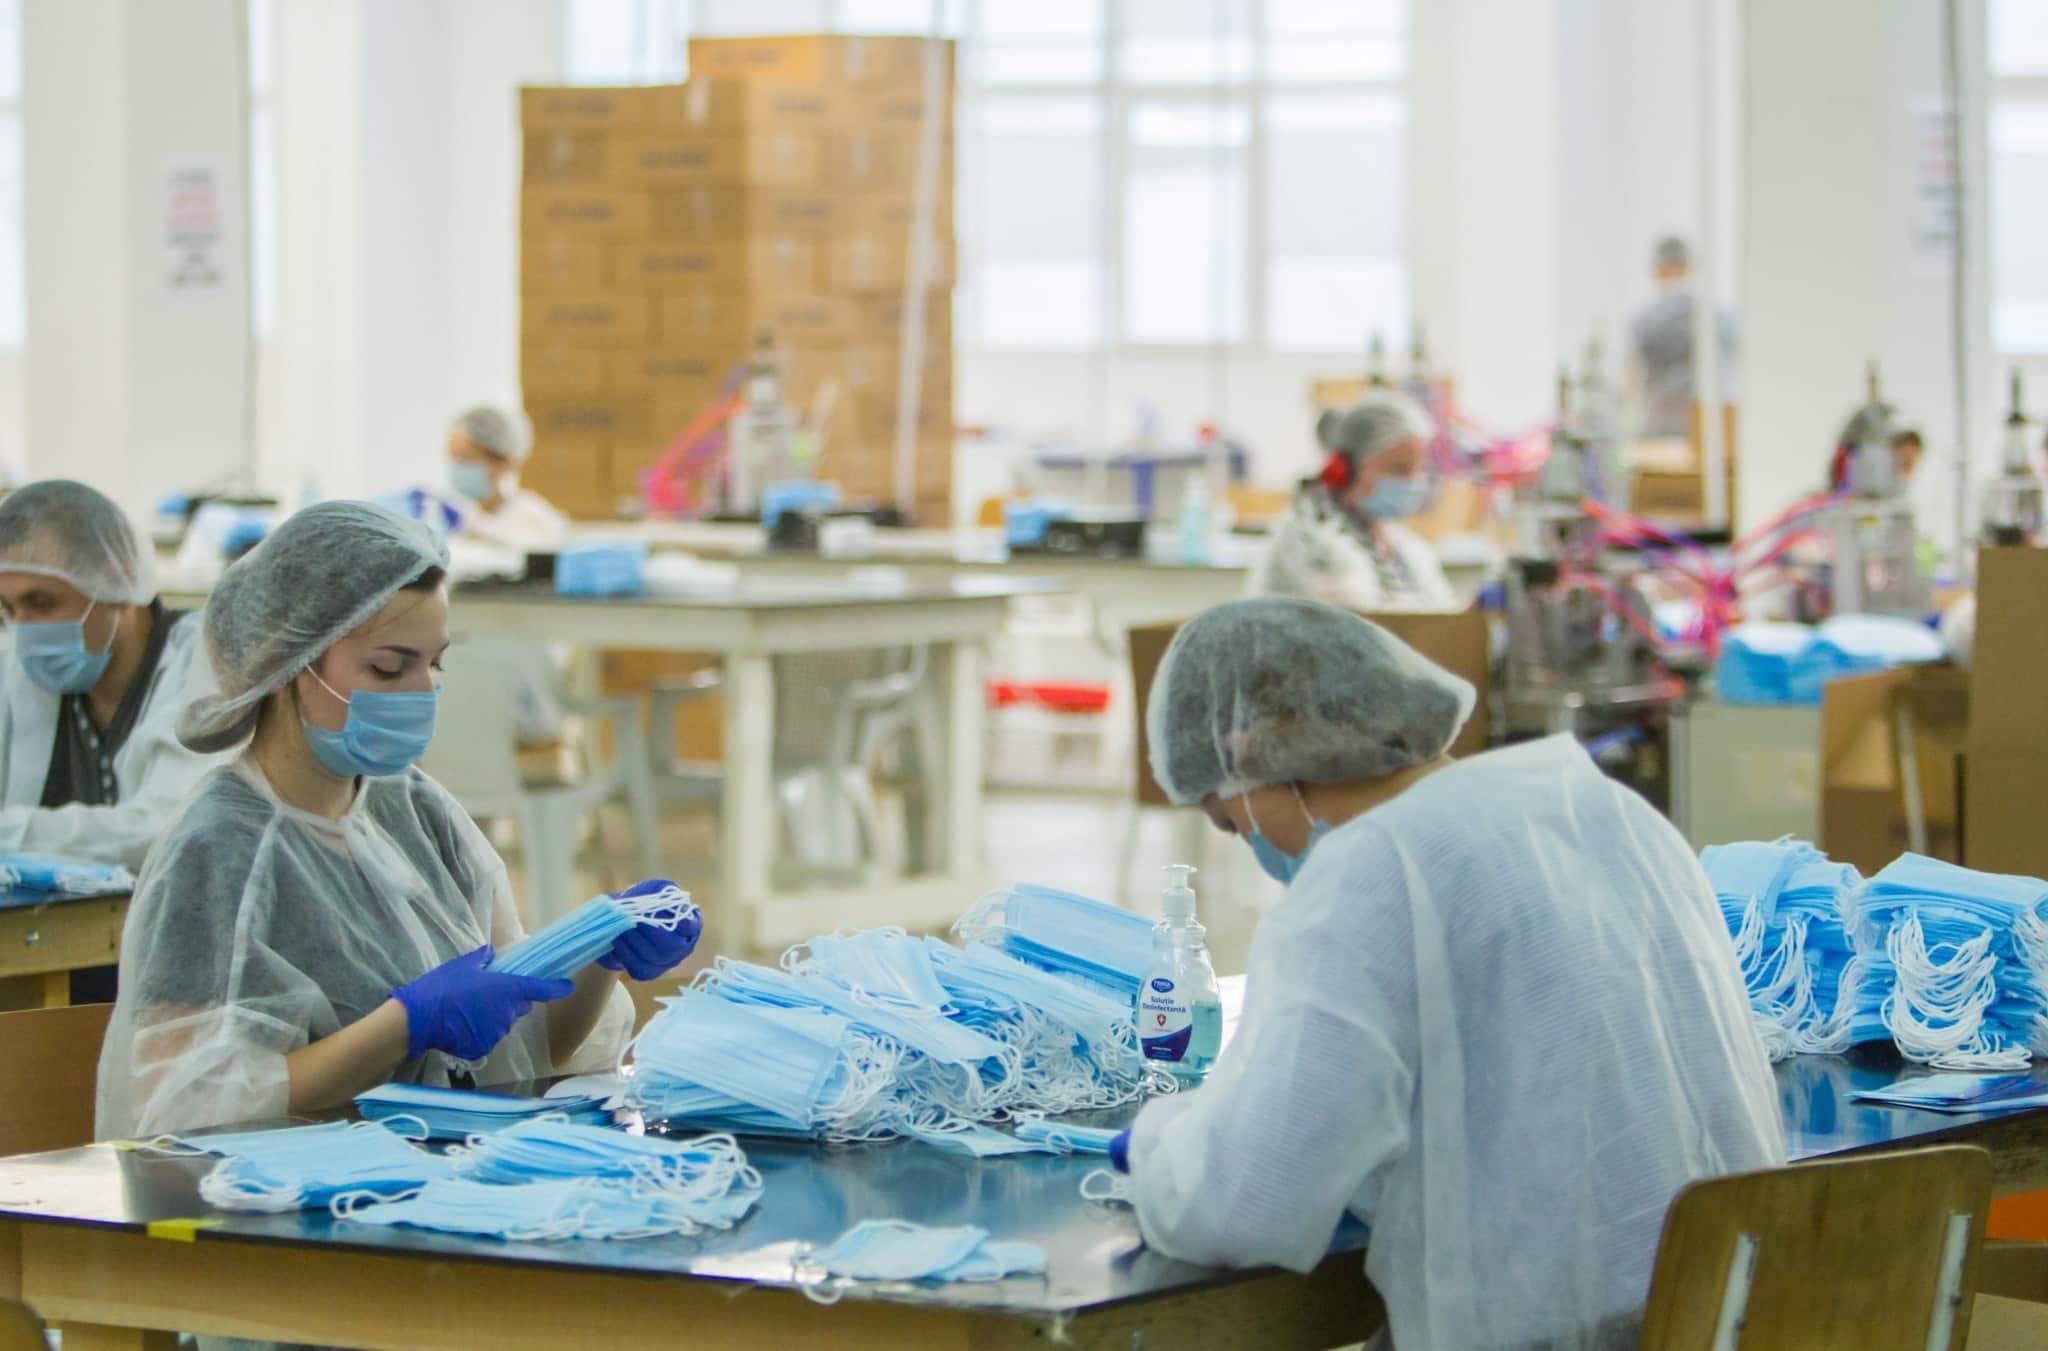 Президент посетил предприятие по производству медицинских масок (ФОТО, ВИДЕО)